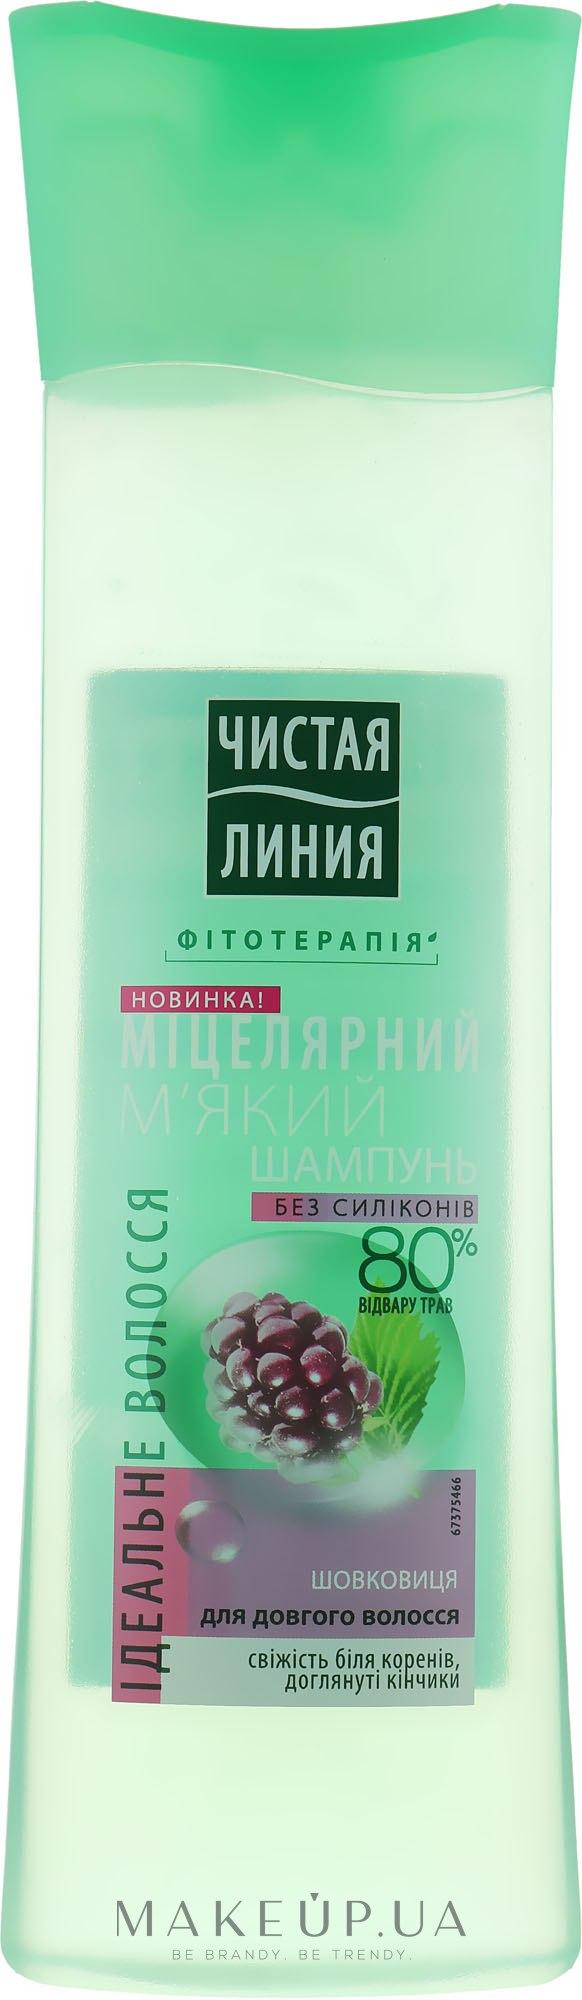 """Шампунь для волосся """"Міцелярний м'який. Ідеальне волосся"""" - Чистая линия — фото 400ml"""